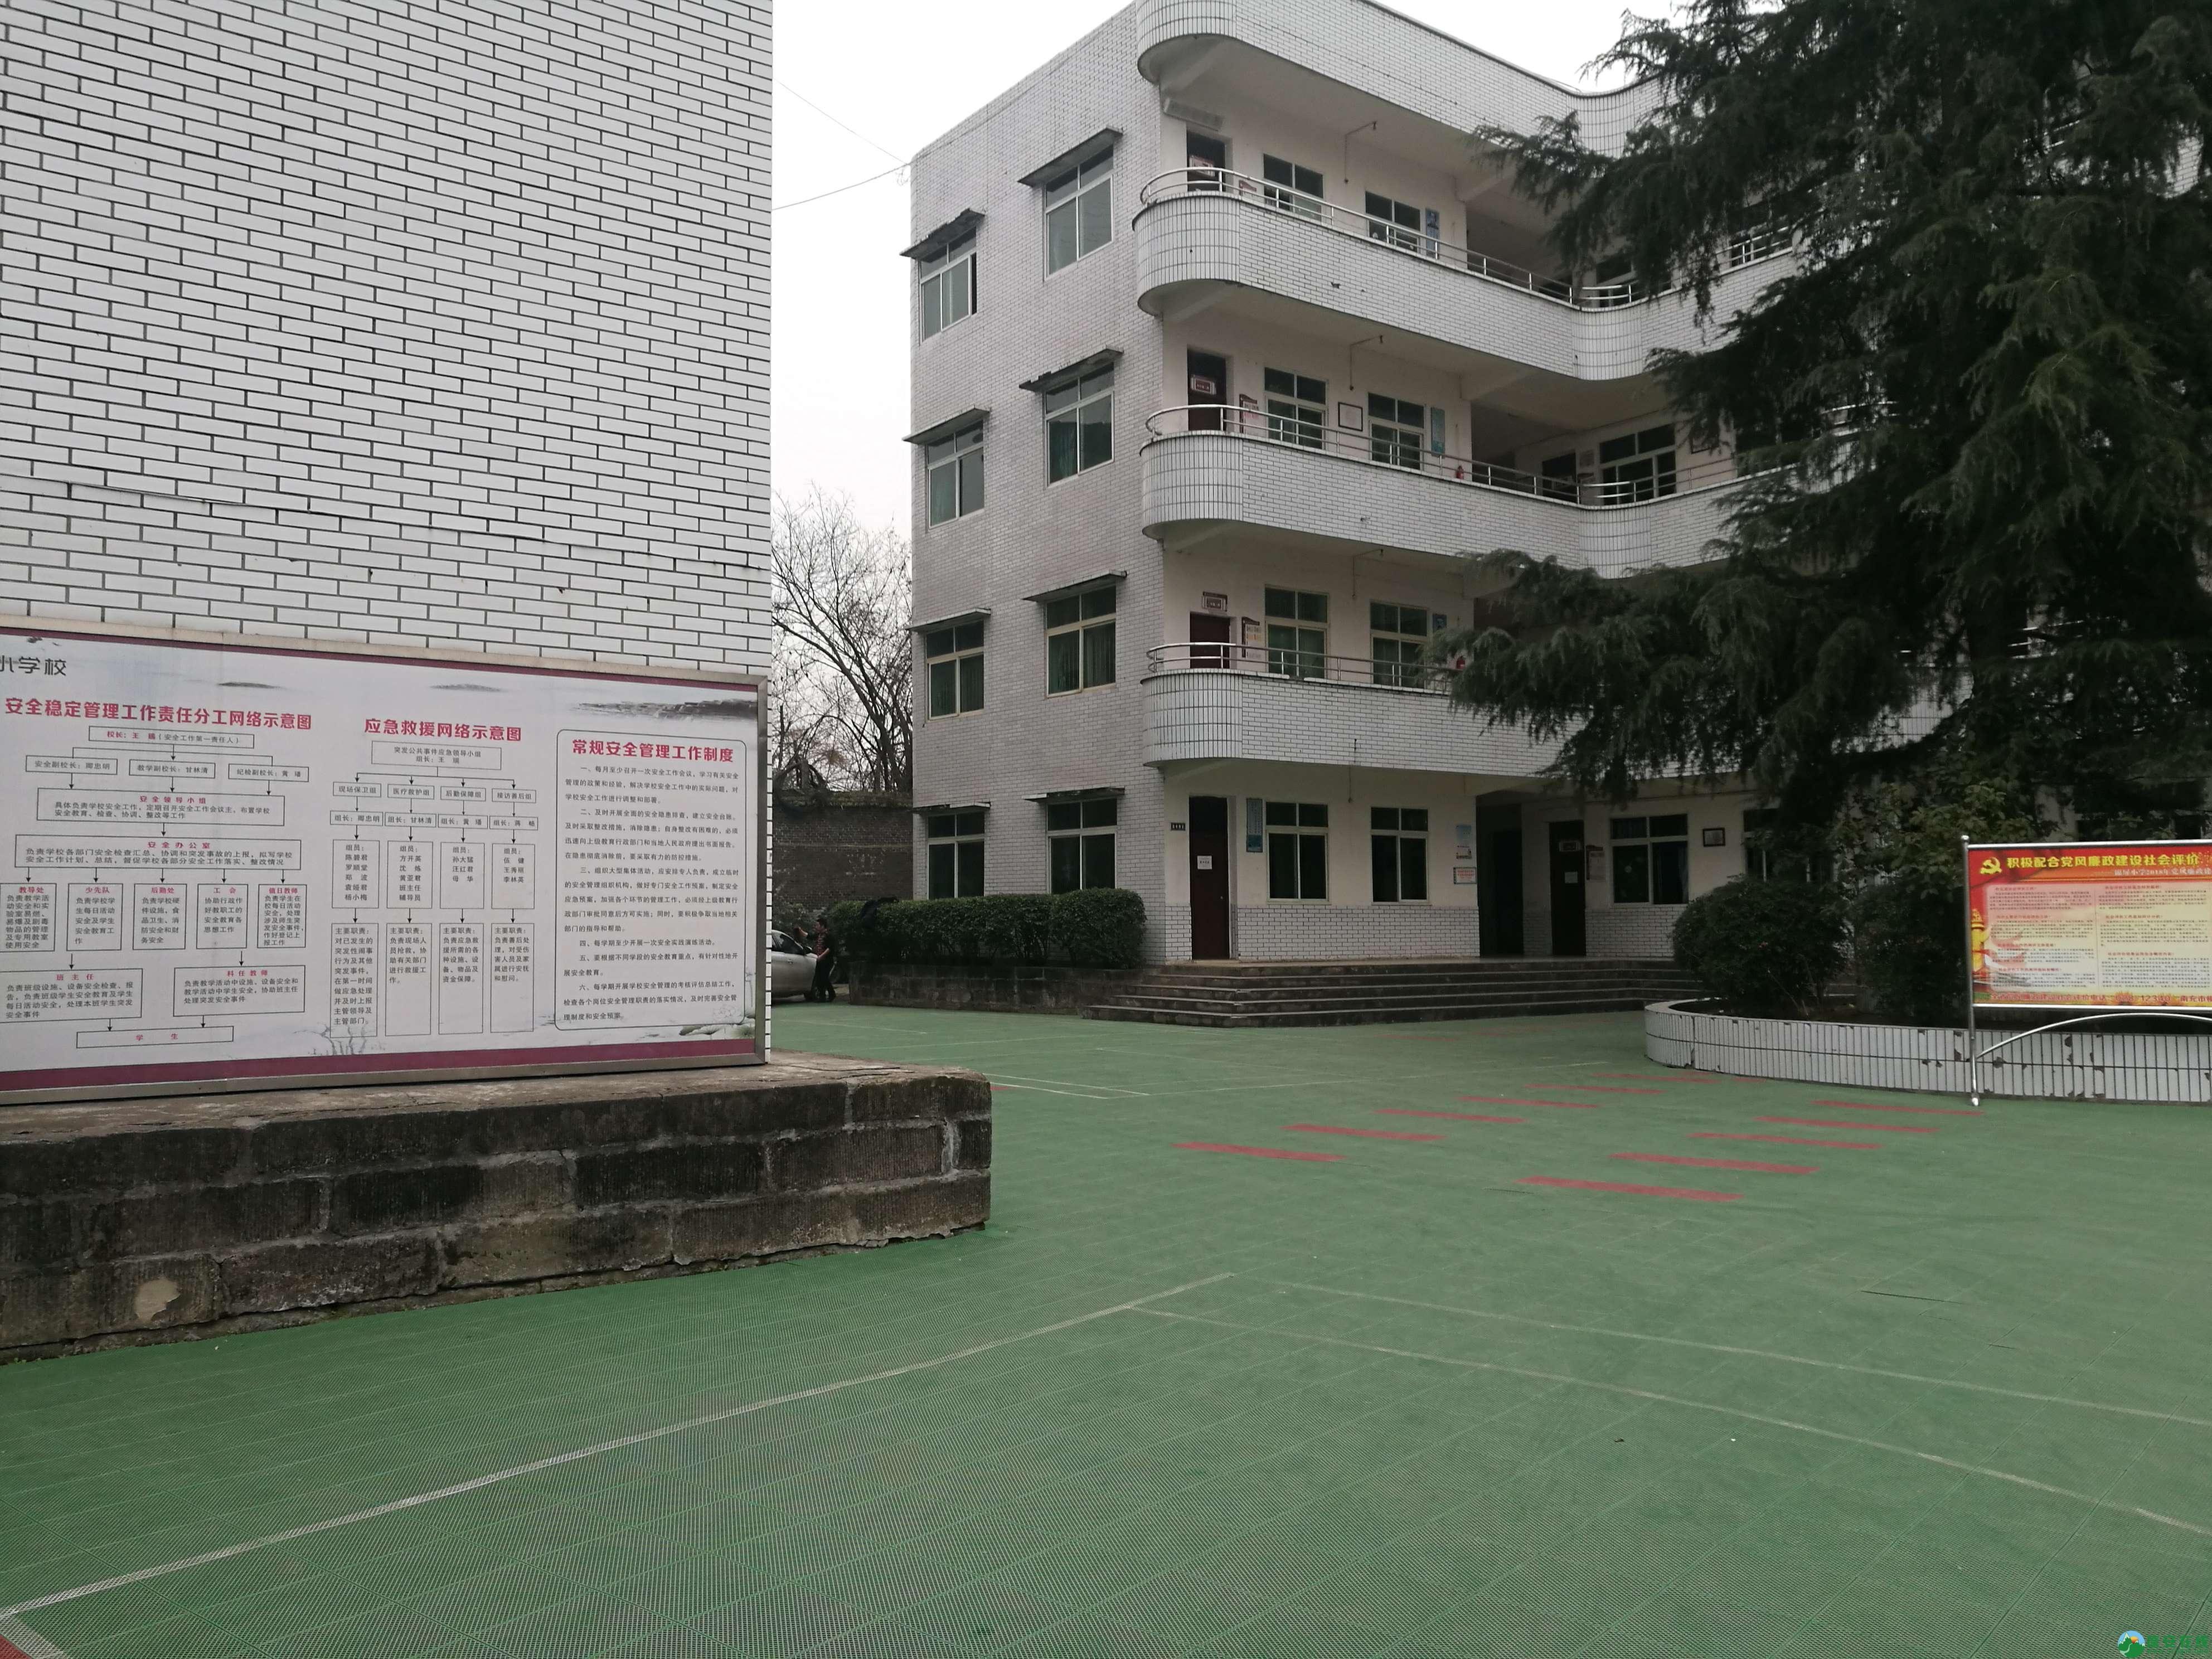 近二十年后再次走进锦屏小学 - 第8张  | 蓬安在线